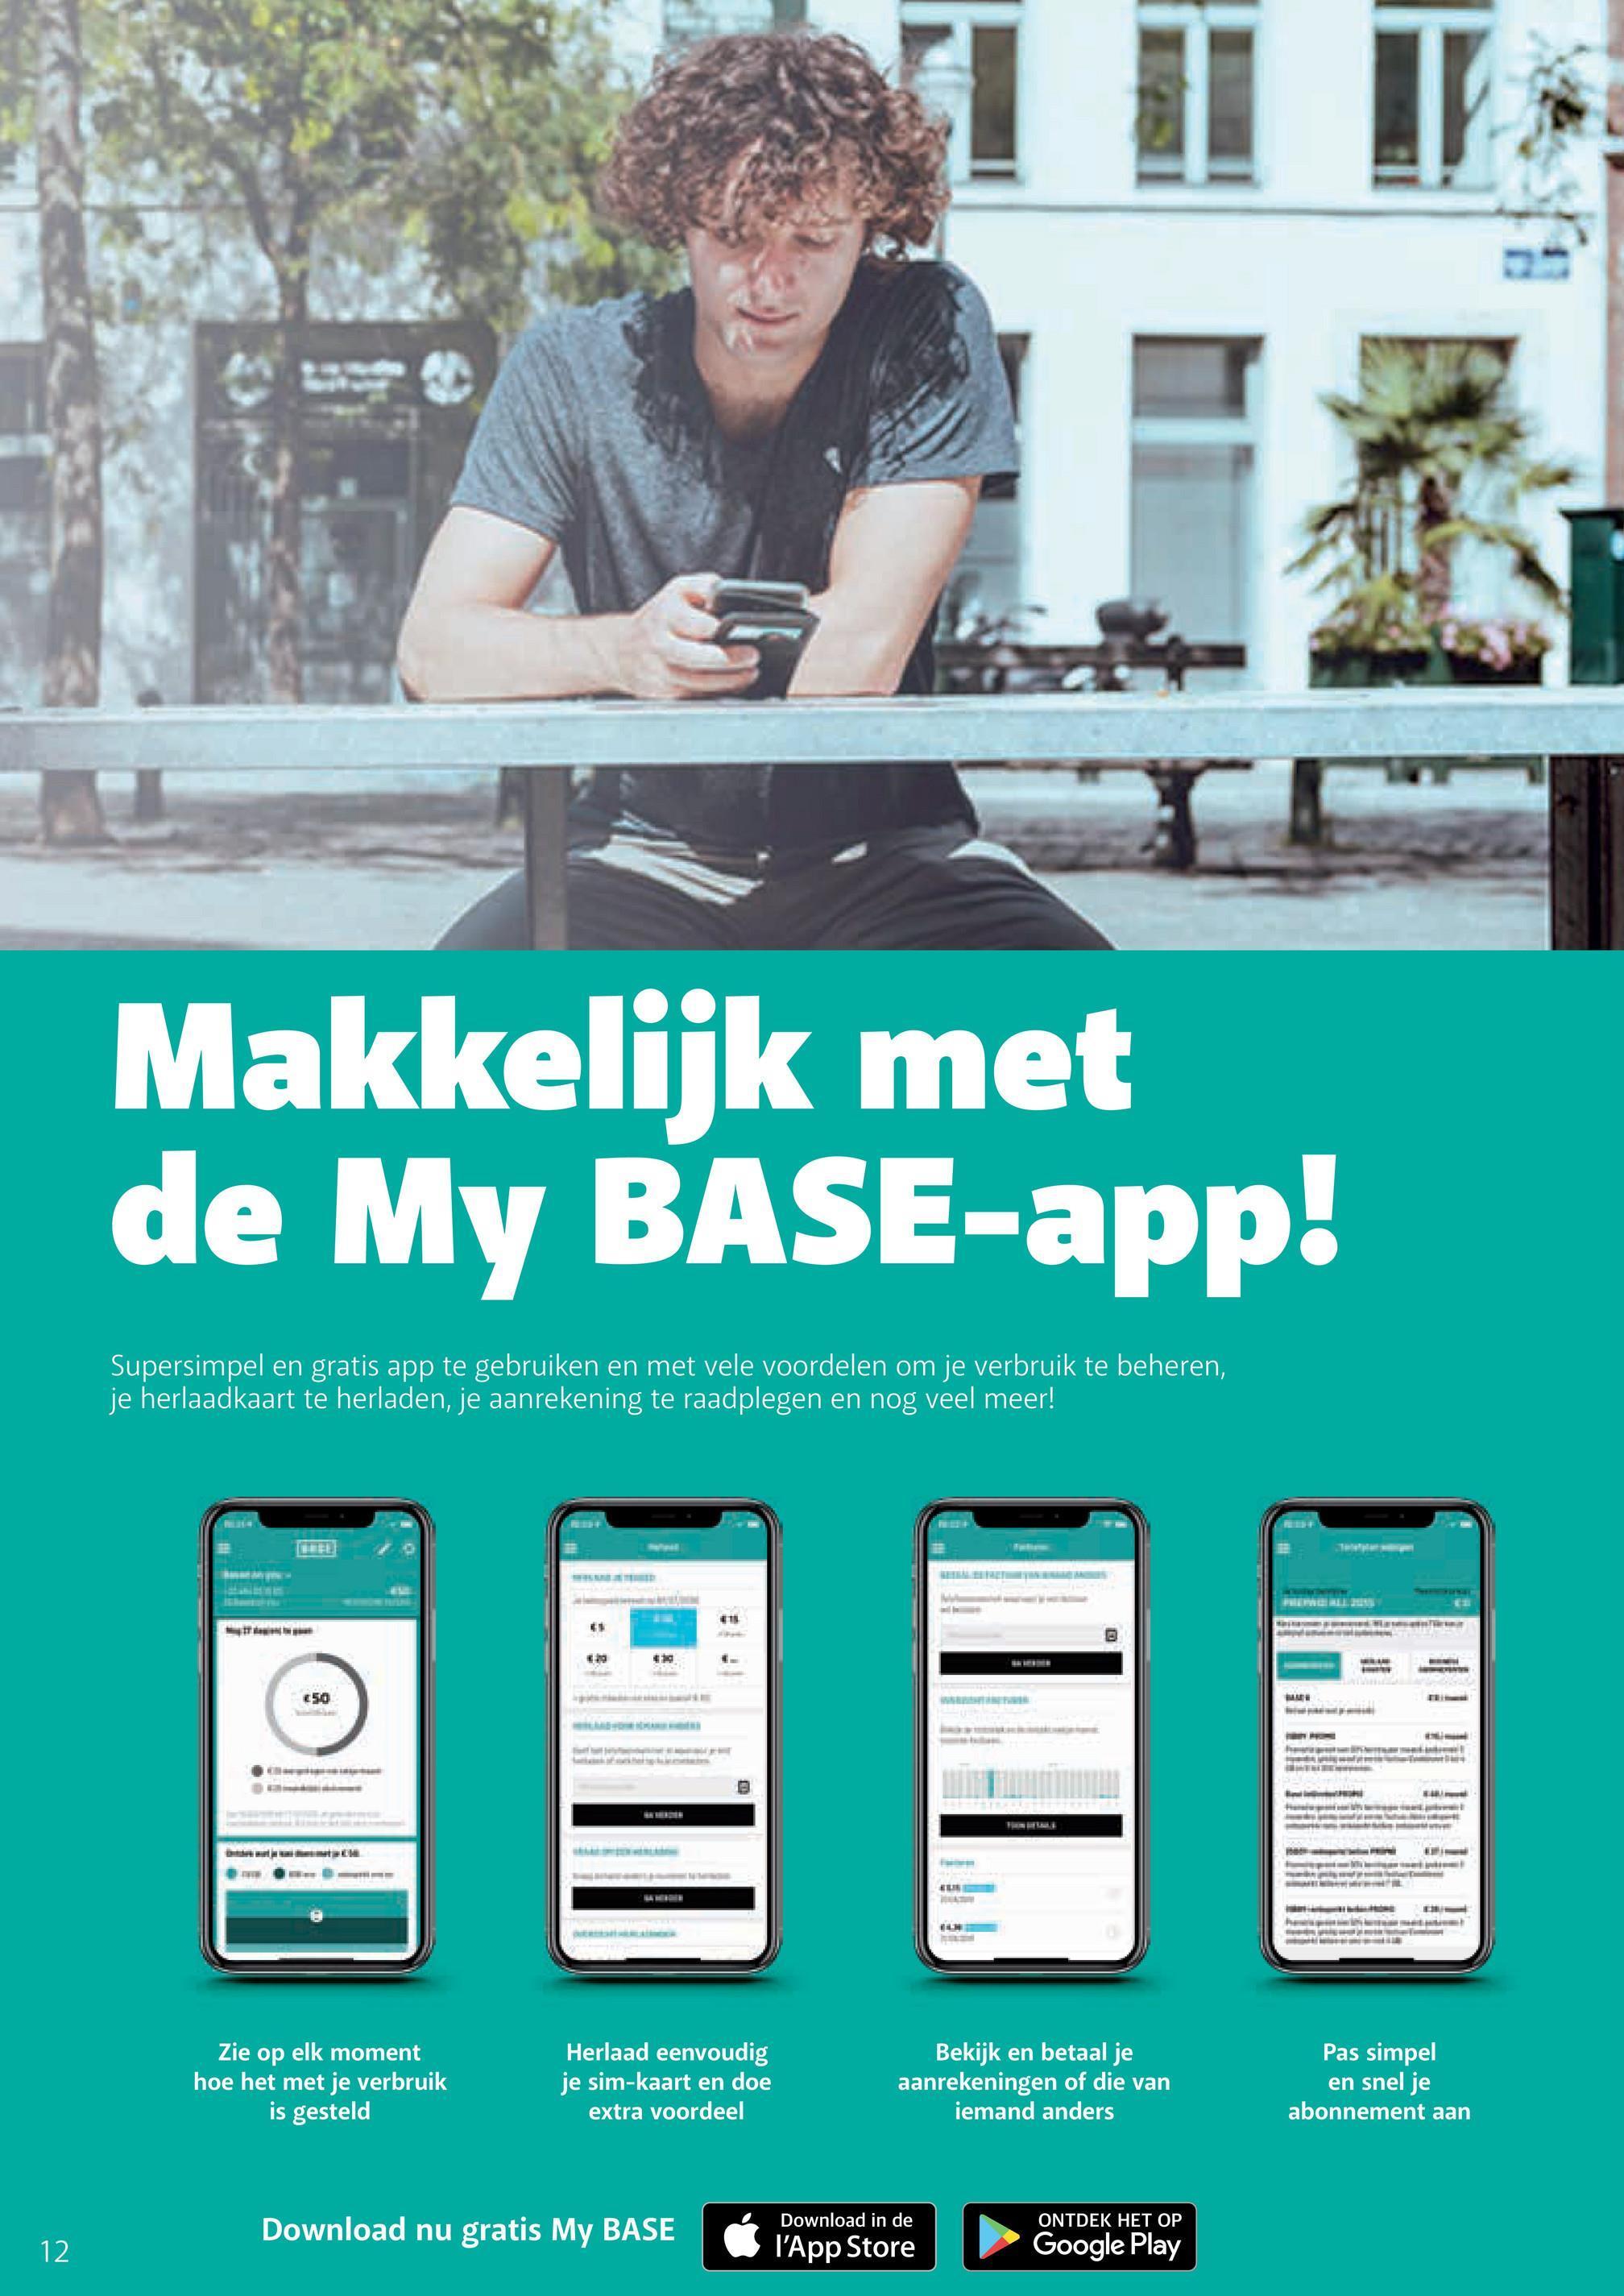 Makkelijk met de My BASE-app! Supersimpel en gratis app te gebruiken en met vele voordelen om je verbruik te beheren, je herlaadkaart te herladen, je aanrekening te raadplegen en nog veel meer! 50 Zie op elk moment hoe het met je verbruik is gesteld Herlaad eenvoudig je sim-kaart en doe extra voordeel Bekijk en betaal je aanrekeningen of die van iemand anders Pas simpel en snel je abonnement aan ONTDEK HET OP Download nu gratis My BASE 12 Download in de l'App Store Google Play